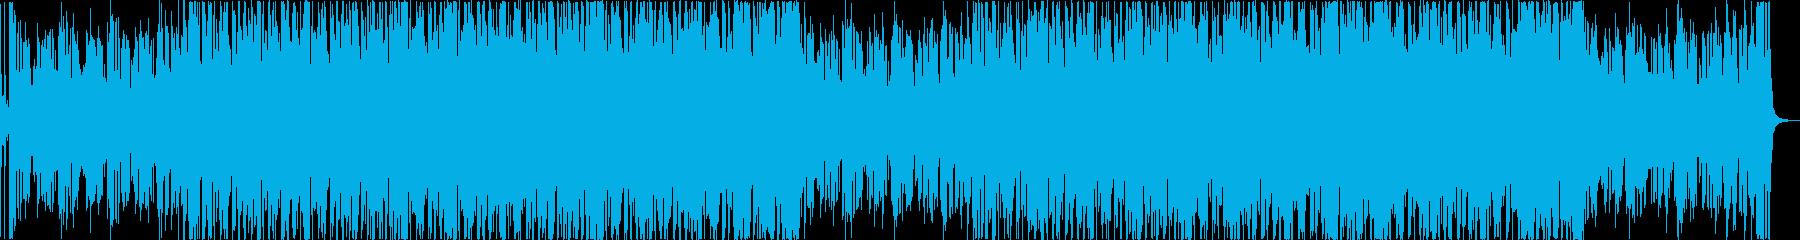 軽快おしゃれレトロディスコシティポップaの再生済みの波形